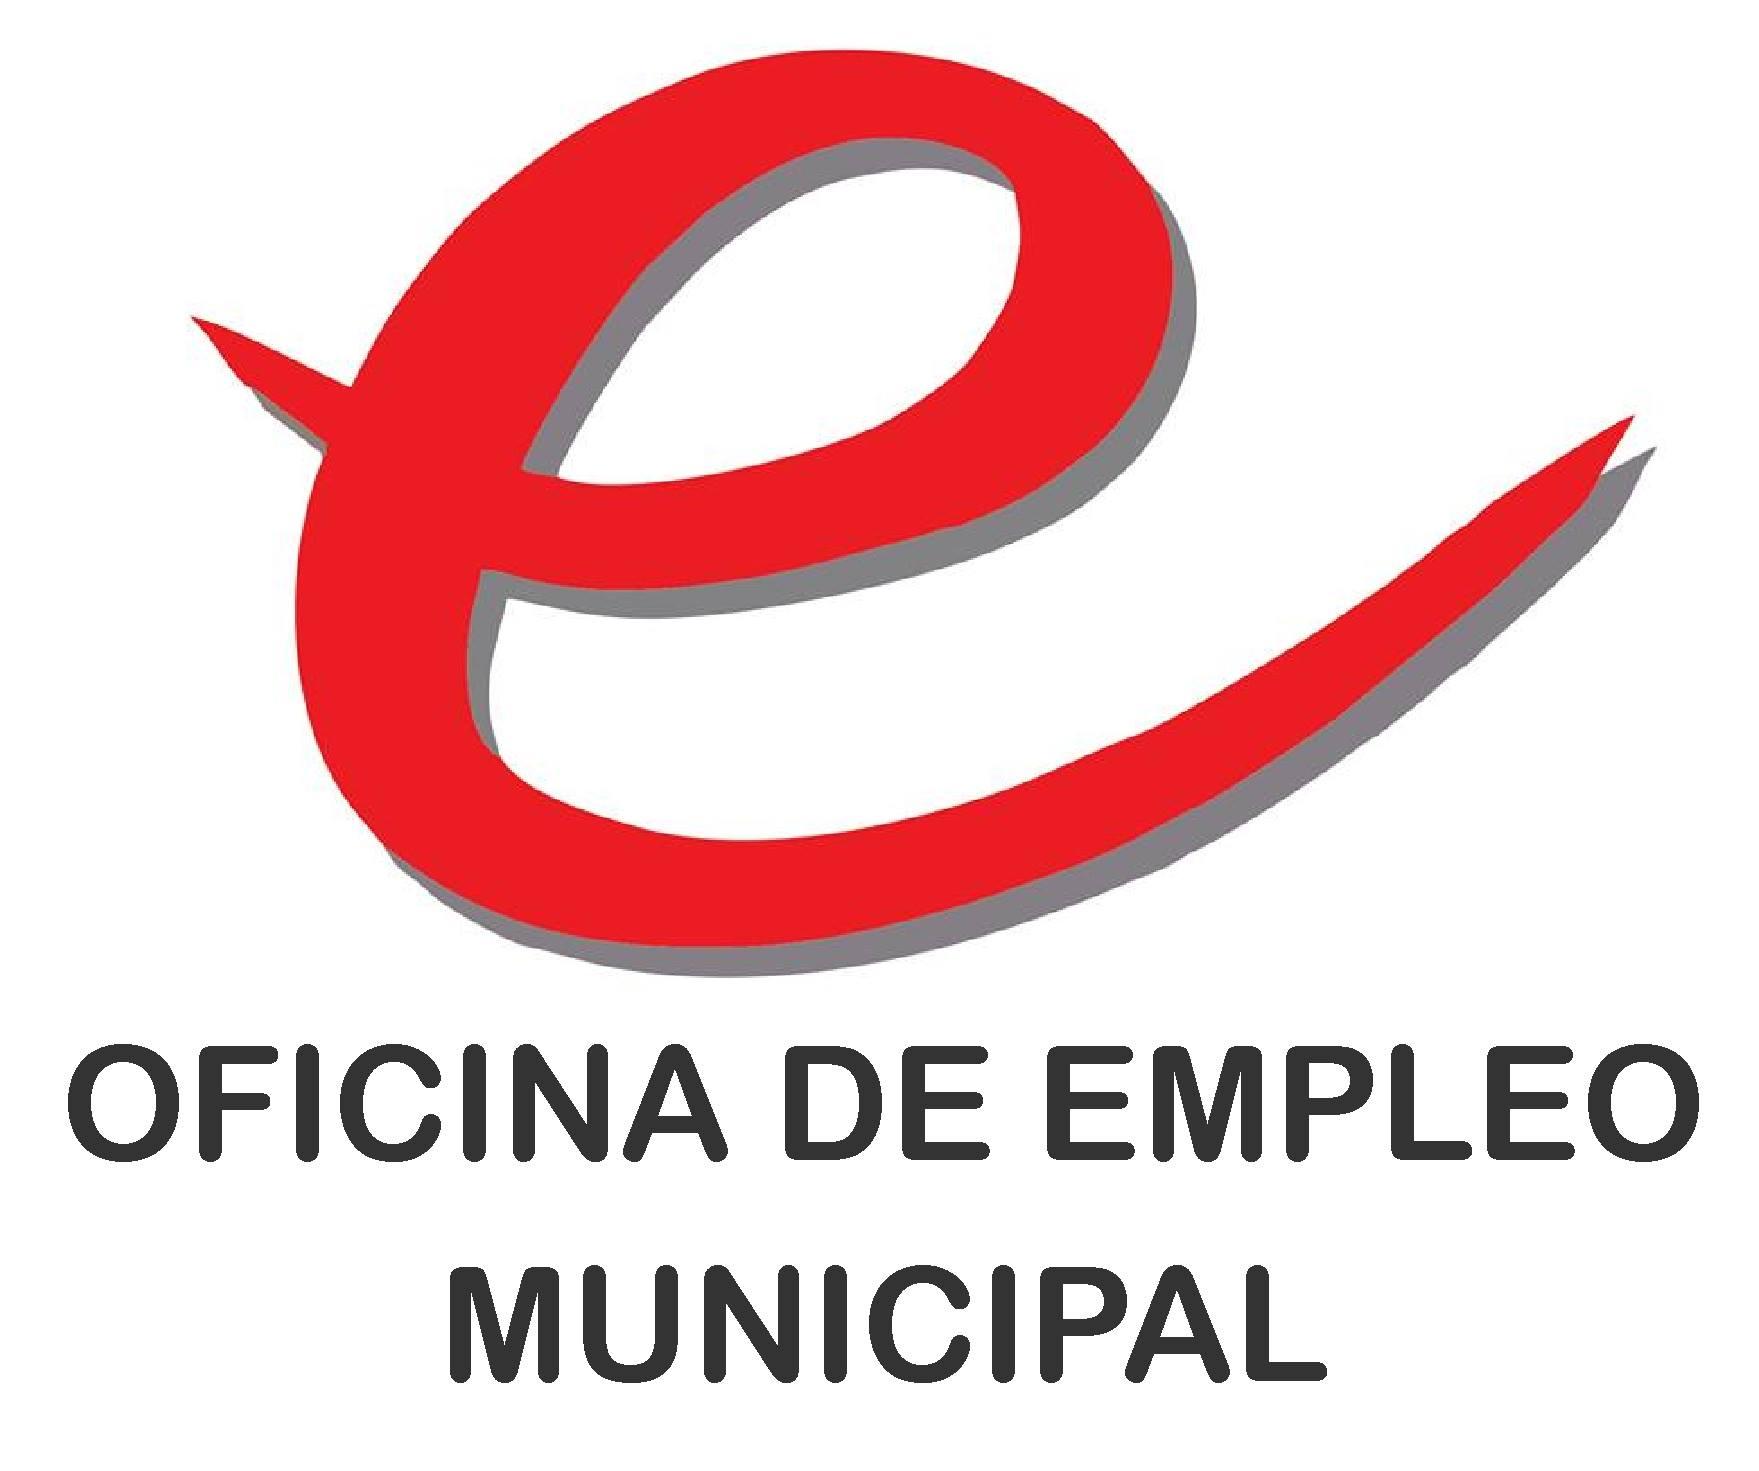 La oficina de empleo municipal informa sobre importante for Servicio de empleo